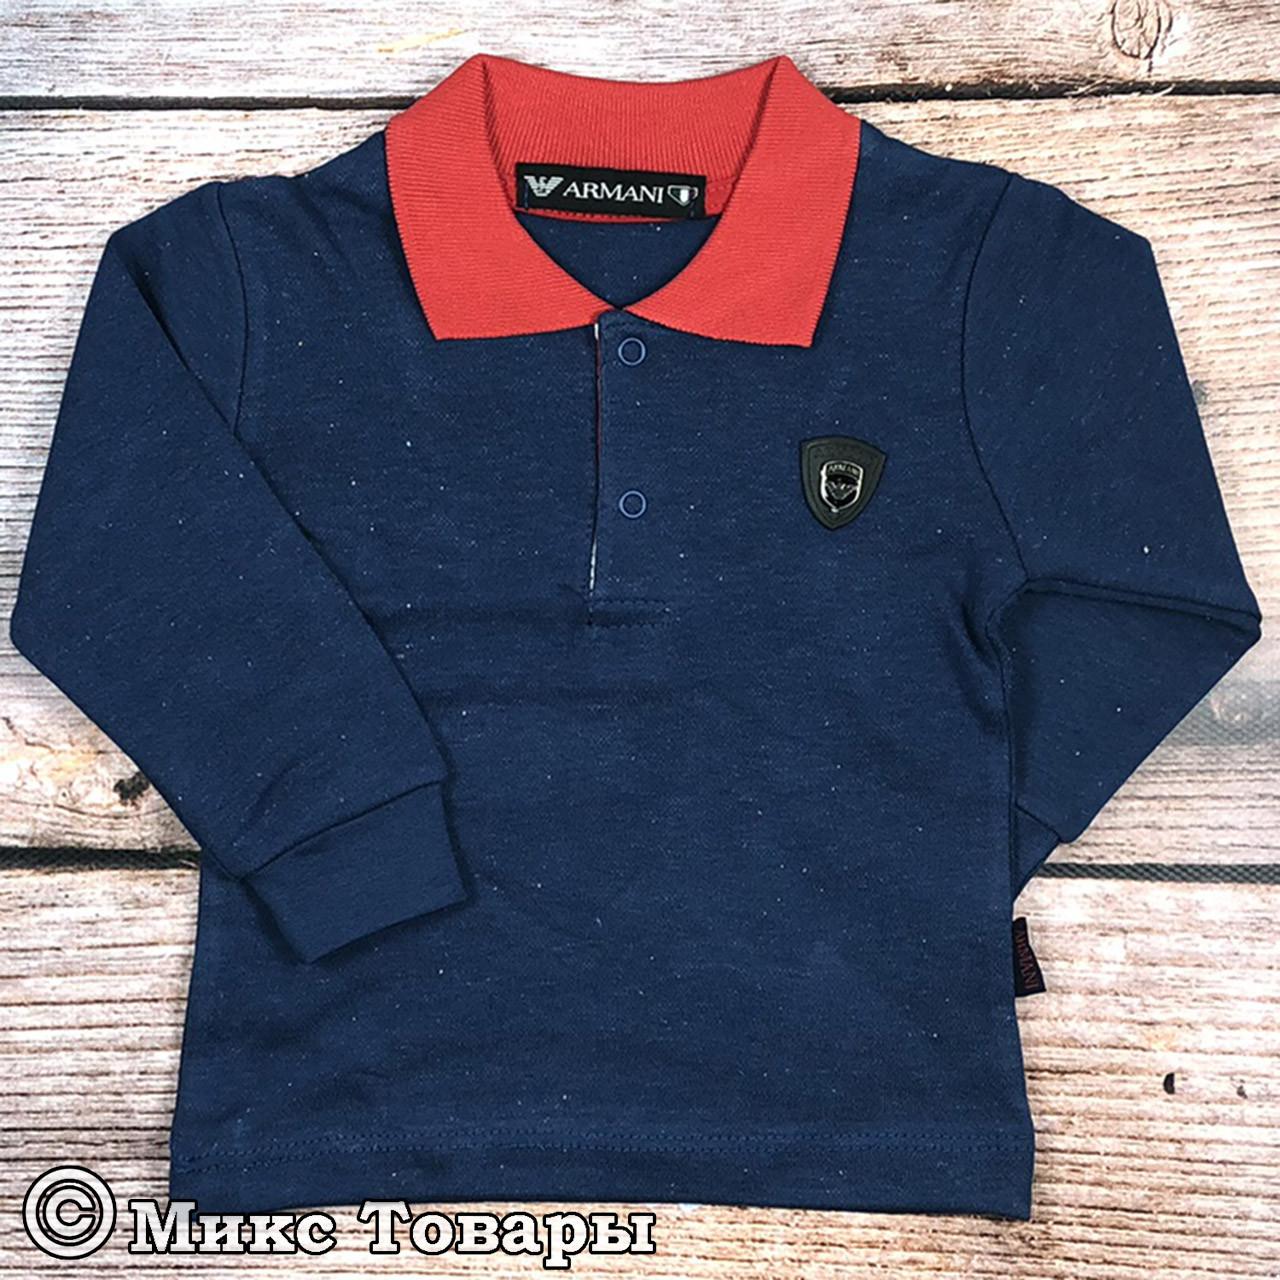 Джемпер на кнопках и с воротником для мальчика Размеры: 1,2,3 года (8113-3)